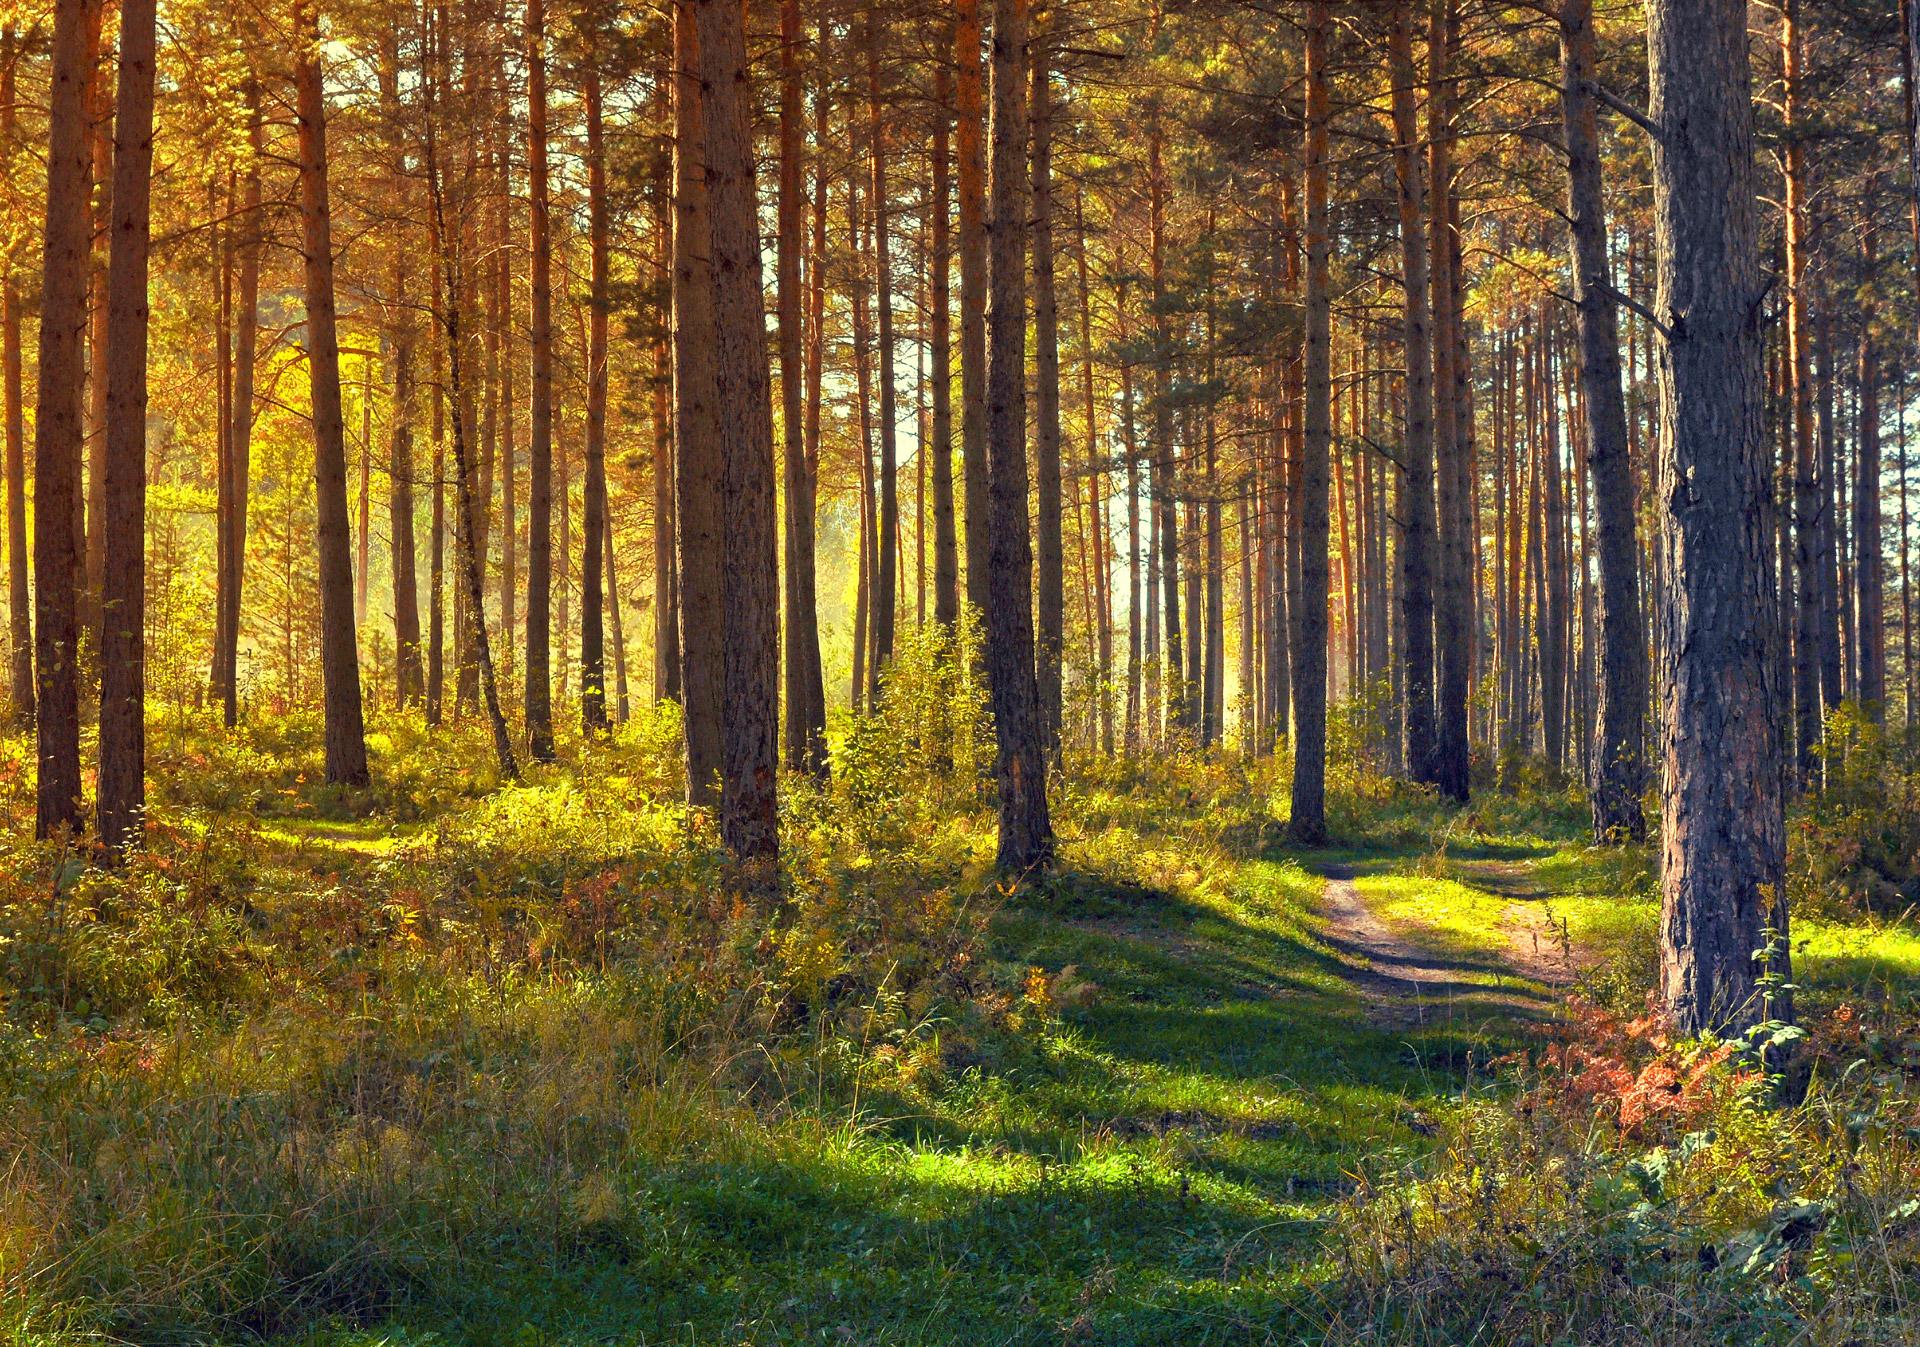 september-in-the-forest-1347854948DKj (1)